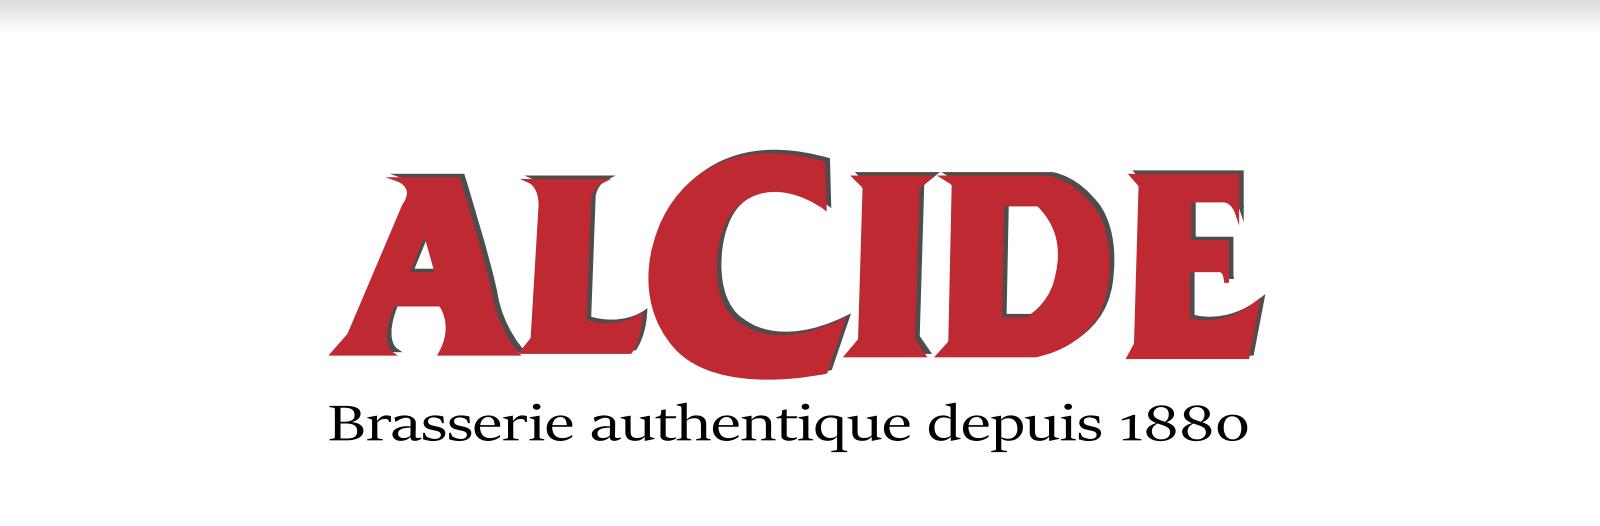 Logo Alcide